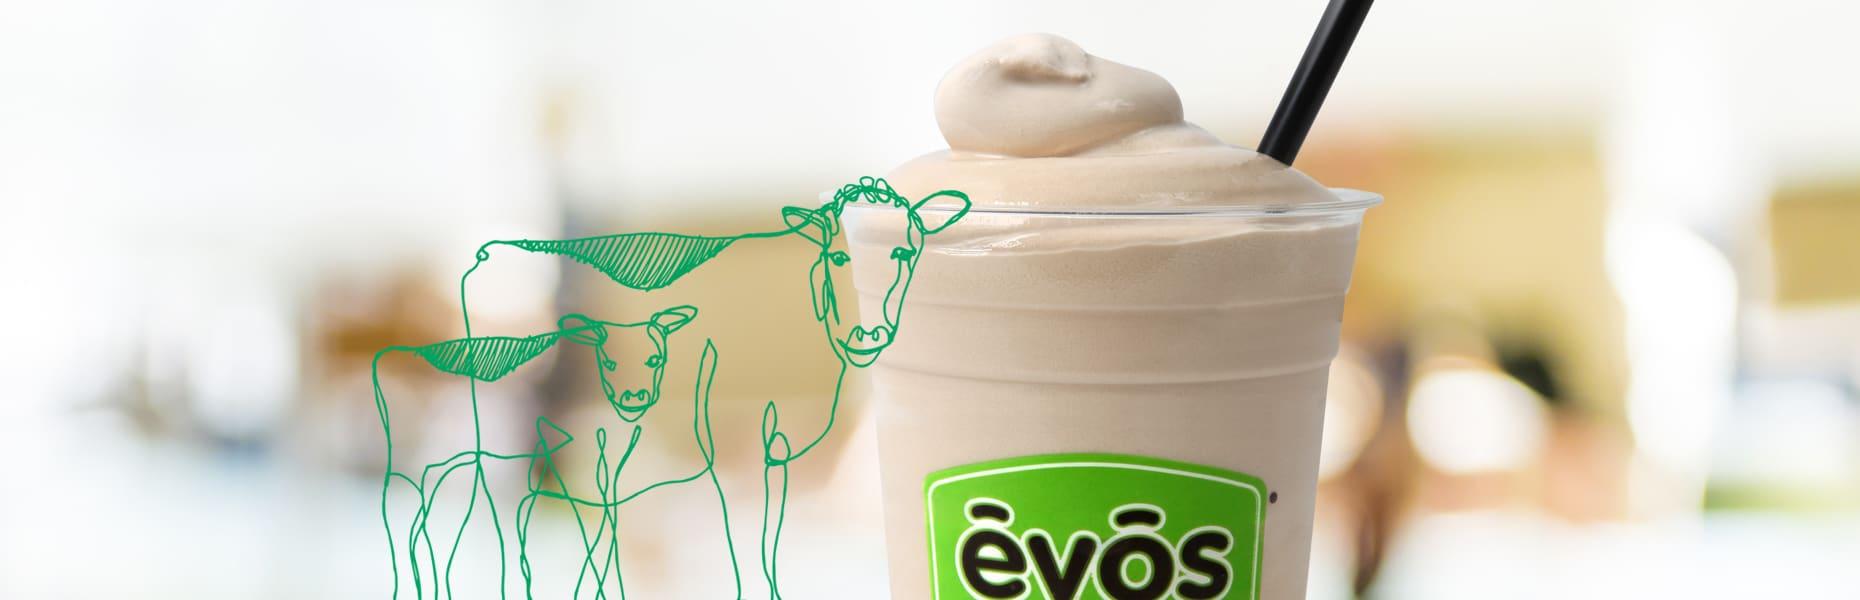 EVOS Shakes